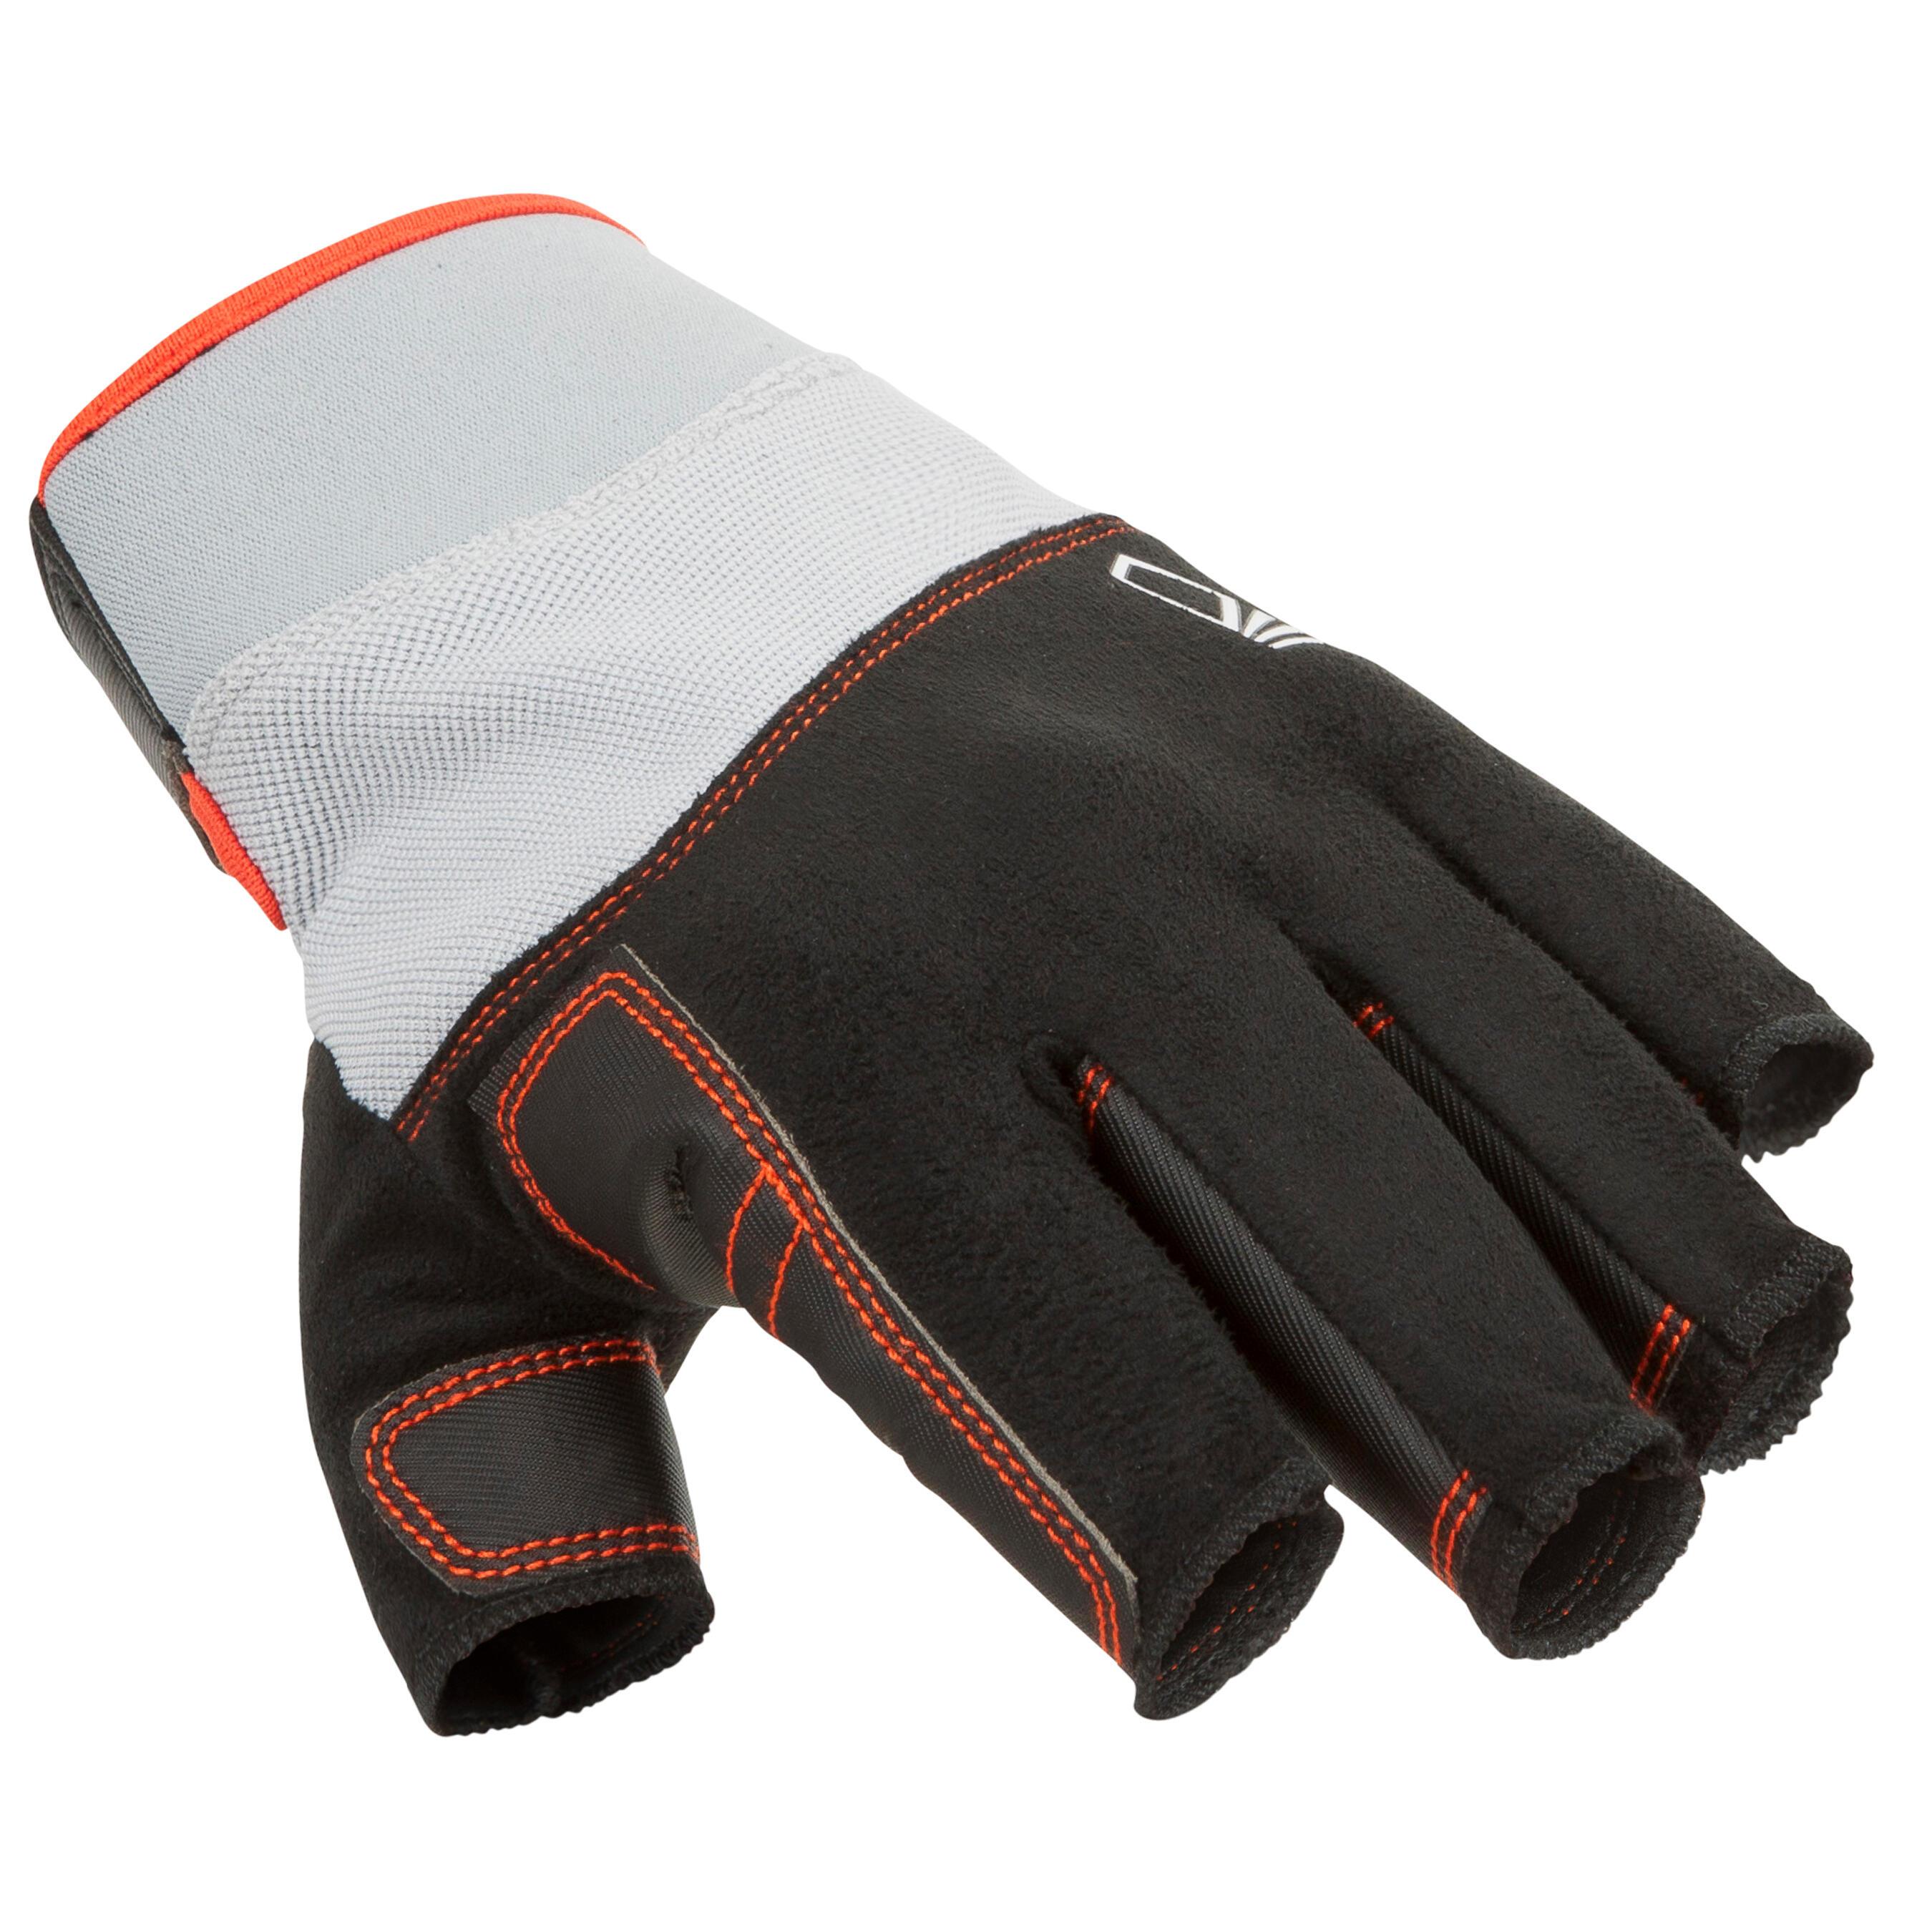 Black Fingerless Neoprene Gloves S-2XL Black Biker//Cycling Stretch Gloves